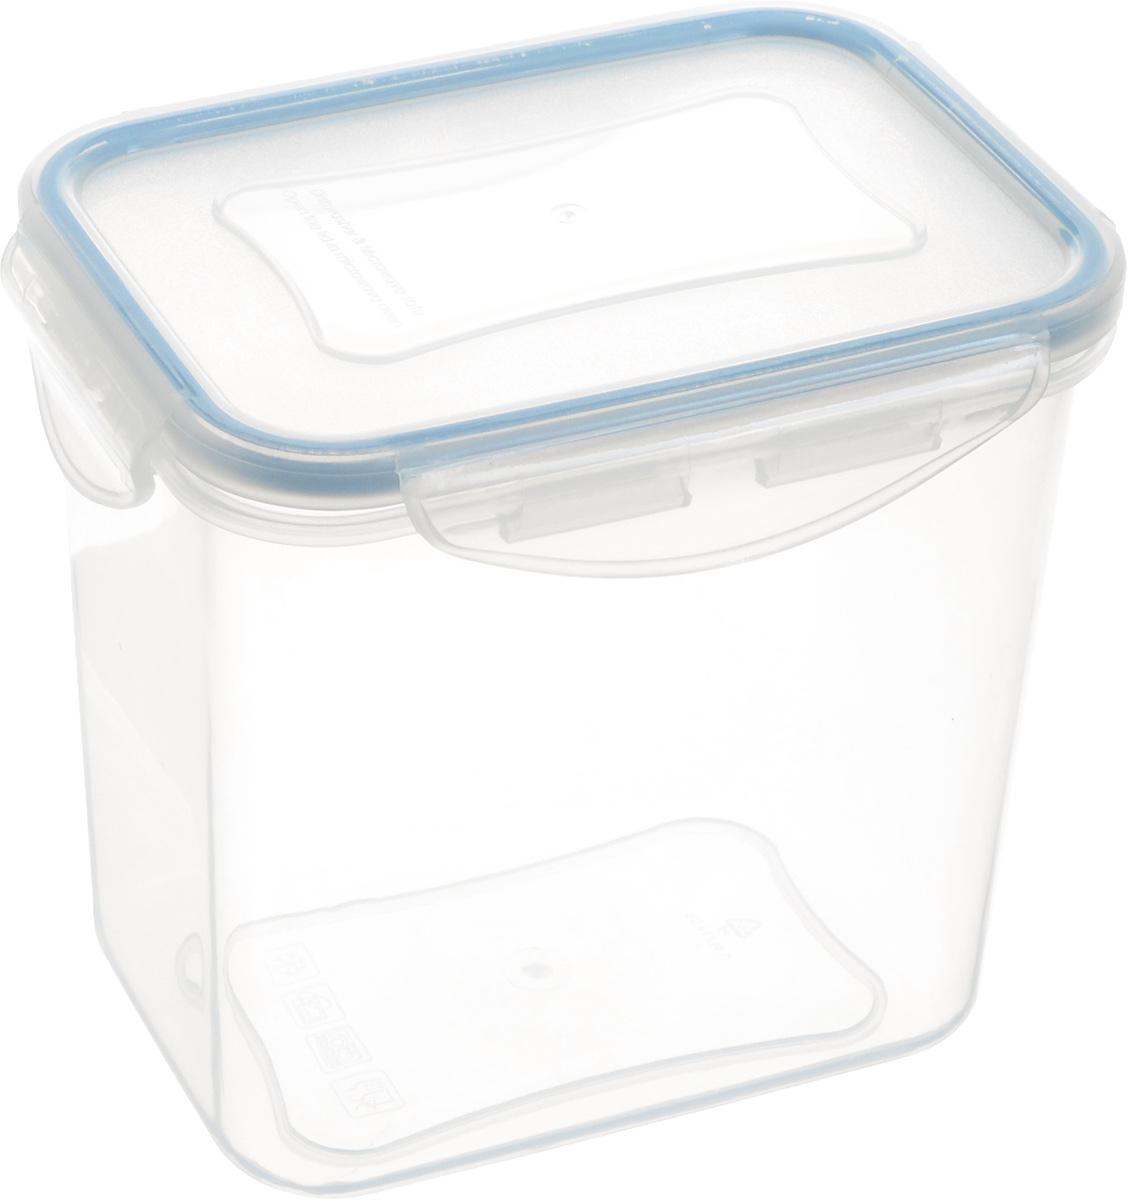 Контейнер Tescoma Freshbox, прямоугольный, 0,9лVT-1520(SR)Контейнер Tescoma Freshbox изготовлен из высококачественного пластика. Изделие идеально подходит не только для хранения, но и для транспортировки пищи. Контейнер имеет крышку, которая плотно закрывается на 4 защелки и оснащена специальной силиконовой прослойкой, предотвращающей проникновение влаги и запахов. Изделие подходит для домашнего использования, для пикников, поездок, отдыха на природе, его можно взять с собой на работу или учебу. Можно использовать в СВЧ-печах, холодильниках и морозильных камерах. Можно мыть в посудомоечной машине.Размер контейнера (без учета крышки): 12,5 х 9 см. Высота контейнера (без учета крышки): 12 см.